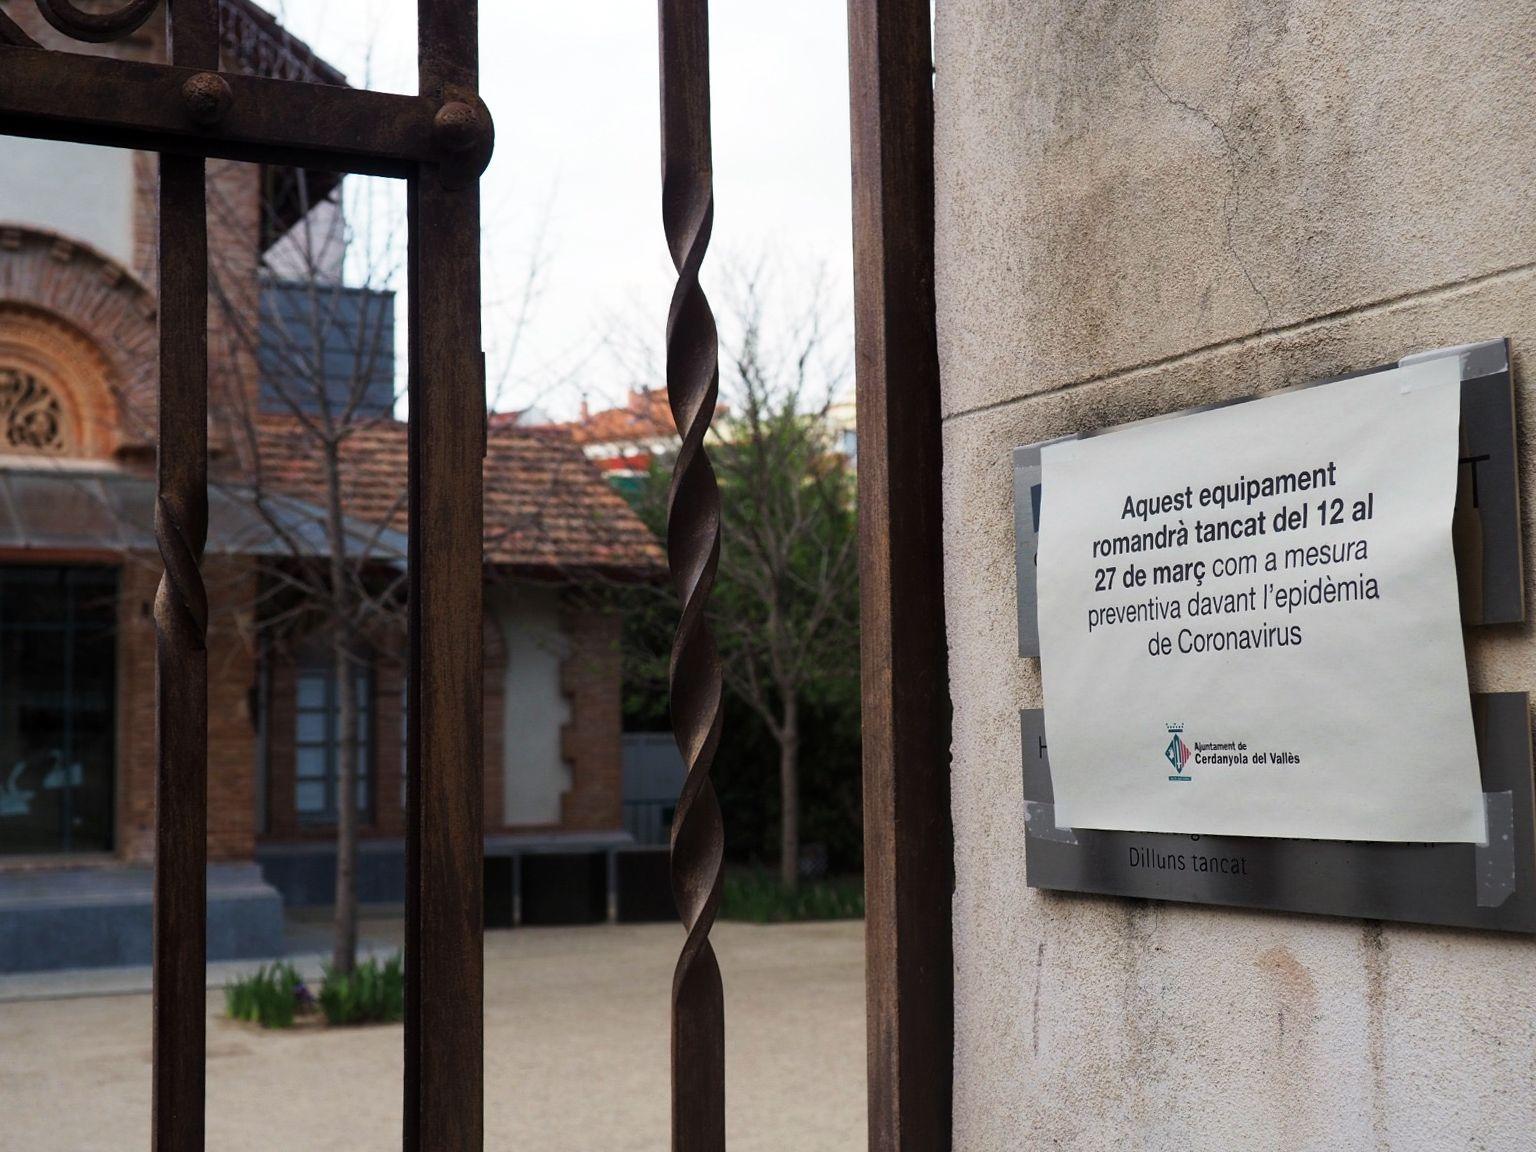 El Museu d'Art de Cerdanyola també ha tancat portes. FOTO: Mónica García Moreno